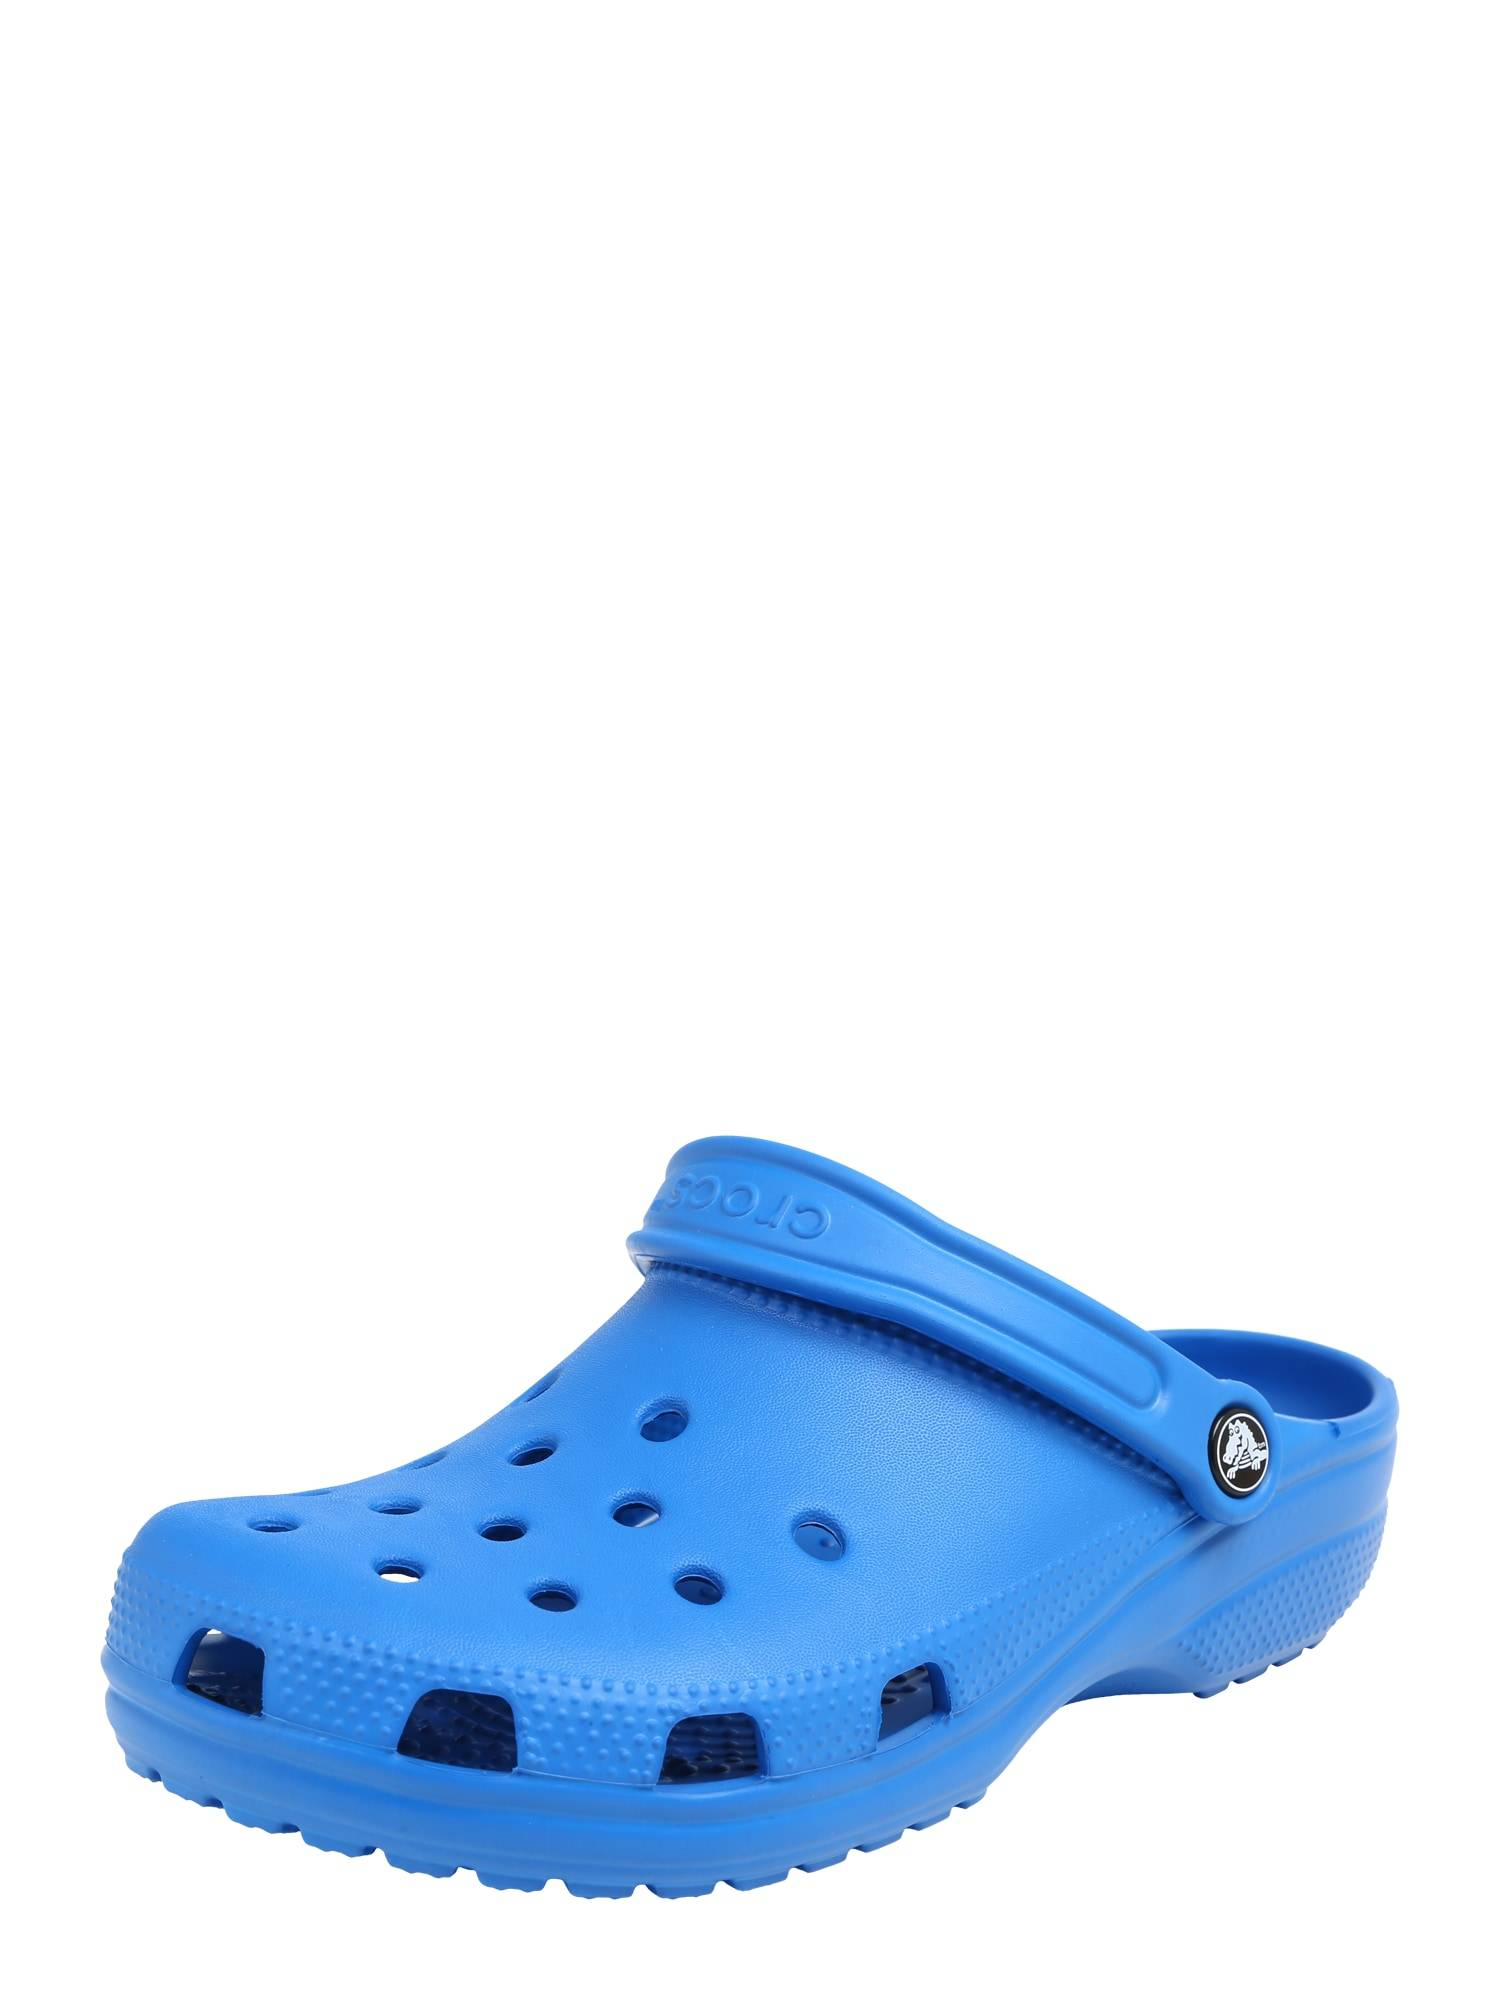 Crocs Sabots 'Classic'  - Bleu - Taille: M7W9 - male